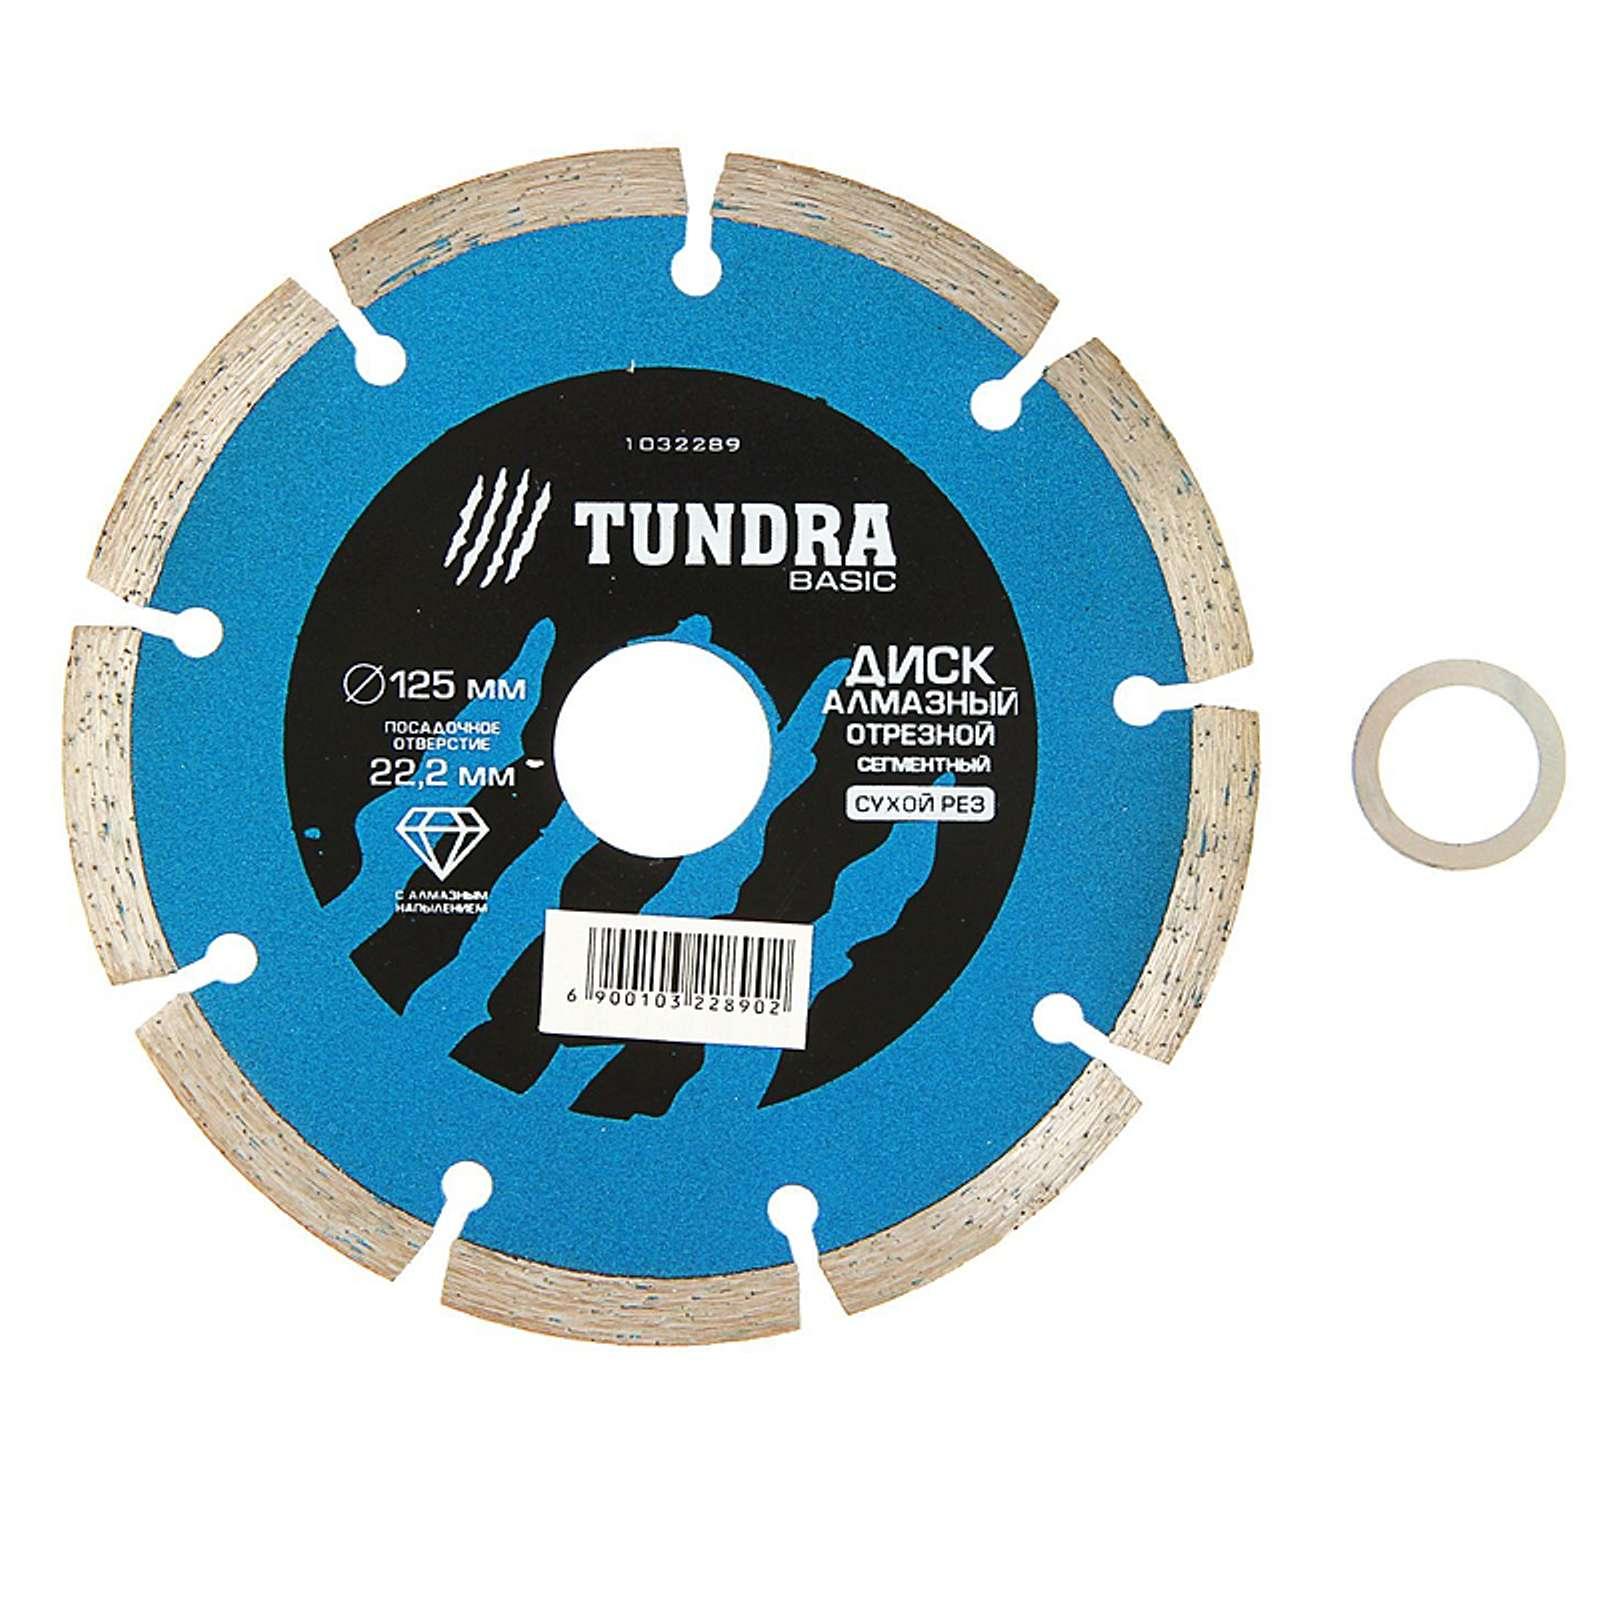 """Диск алмазный отрезной """"TUNDRA"""" сегментный сухой рез 125х22,2 мм + кольцо 16/22,2 мм"""